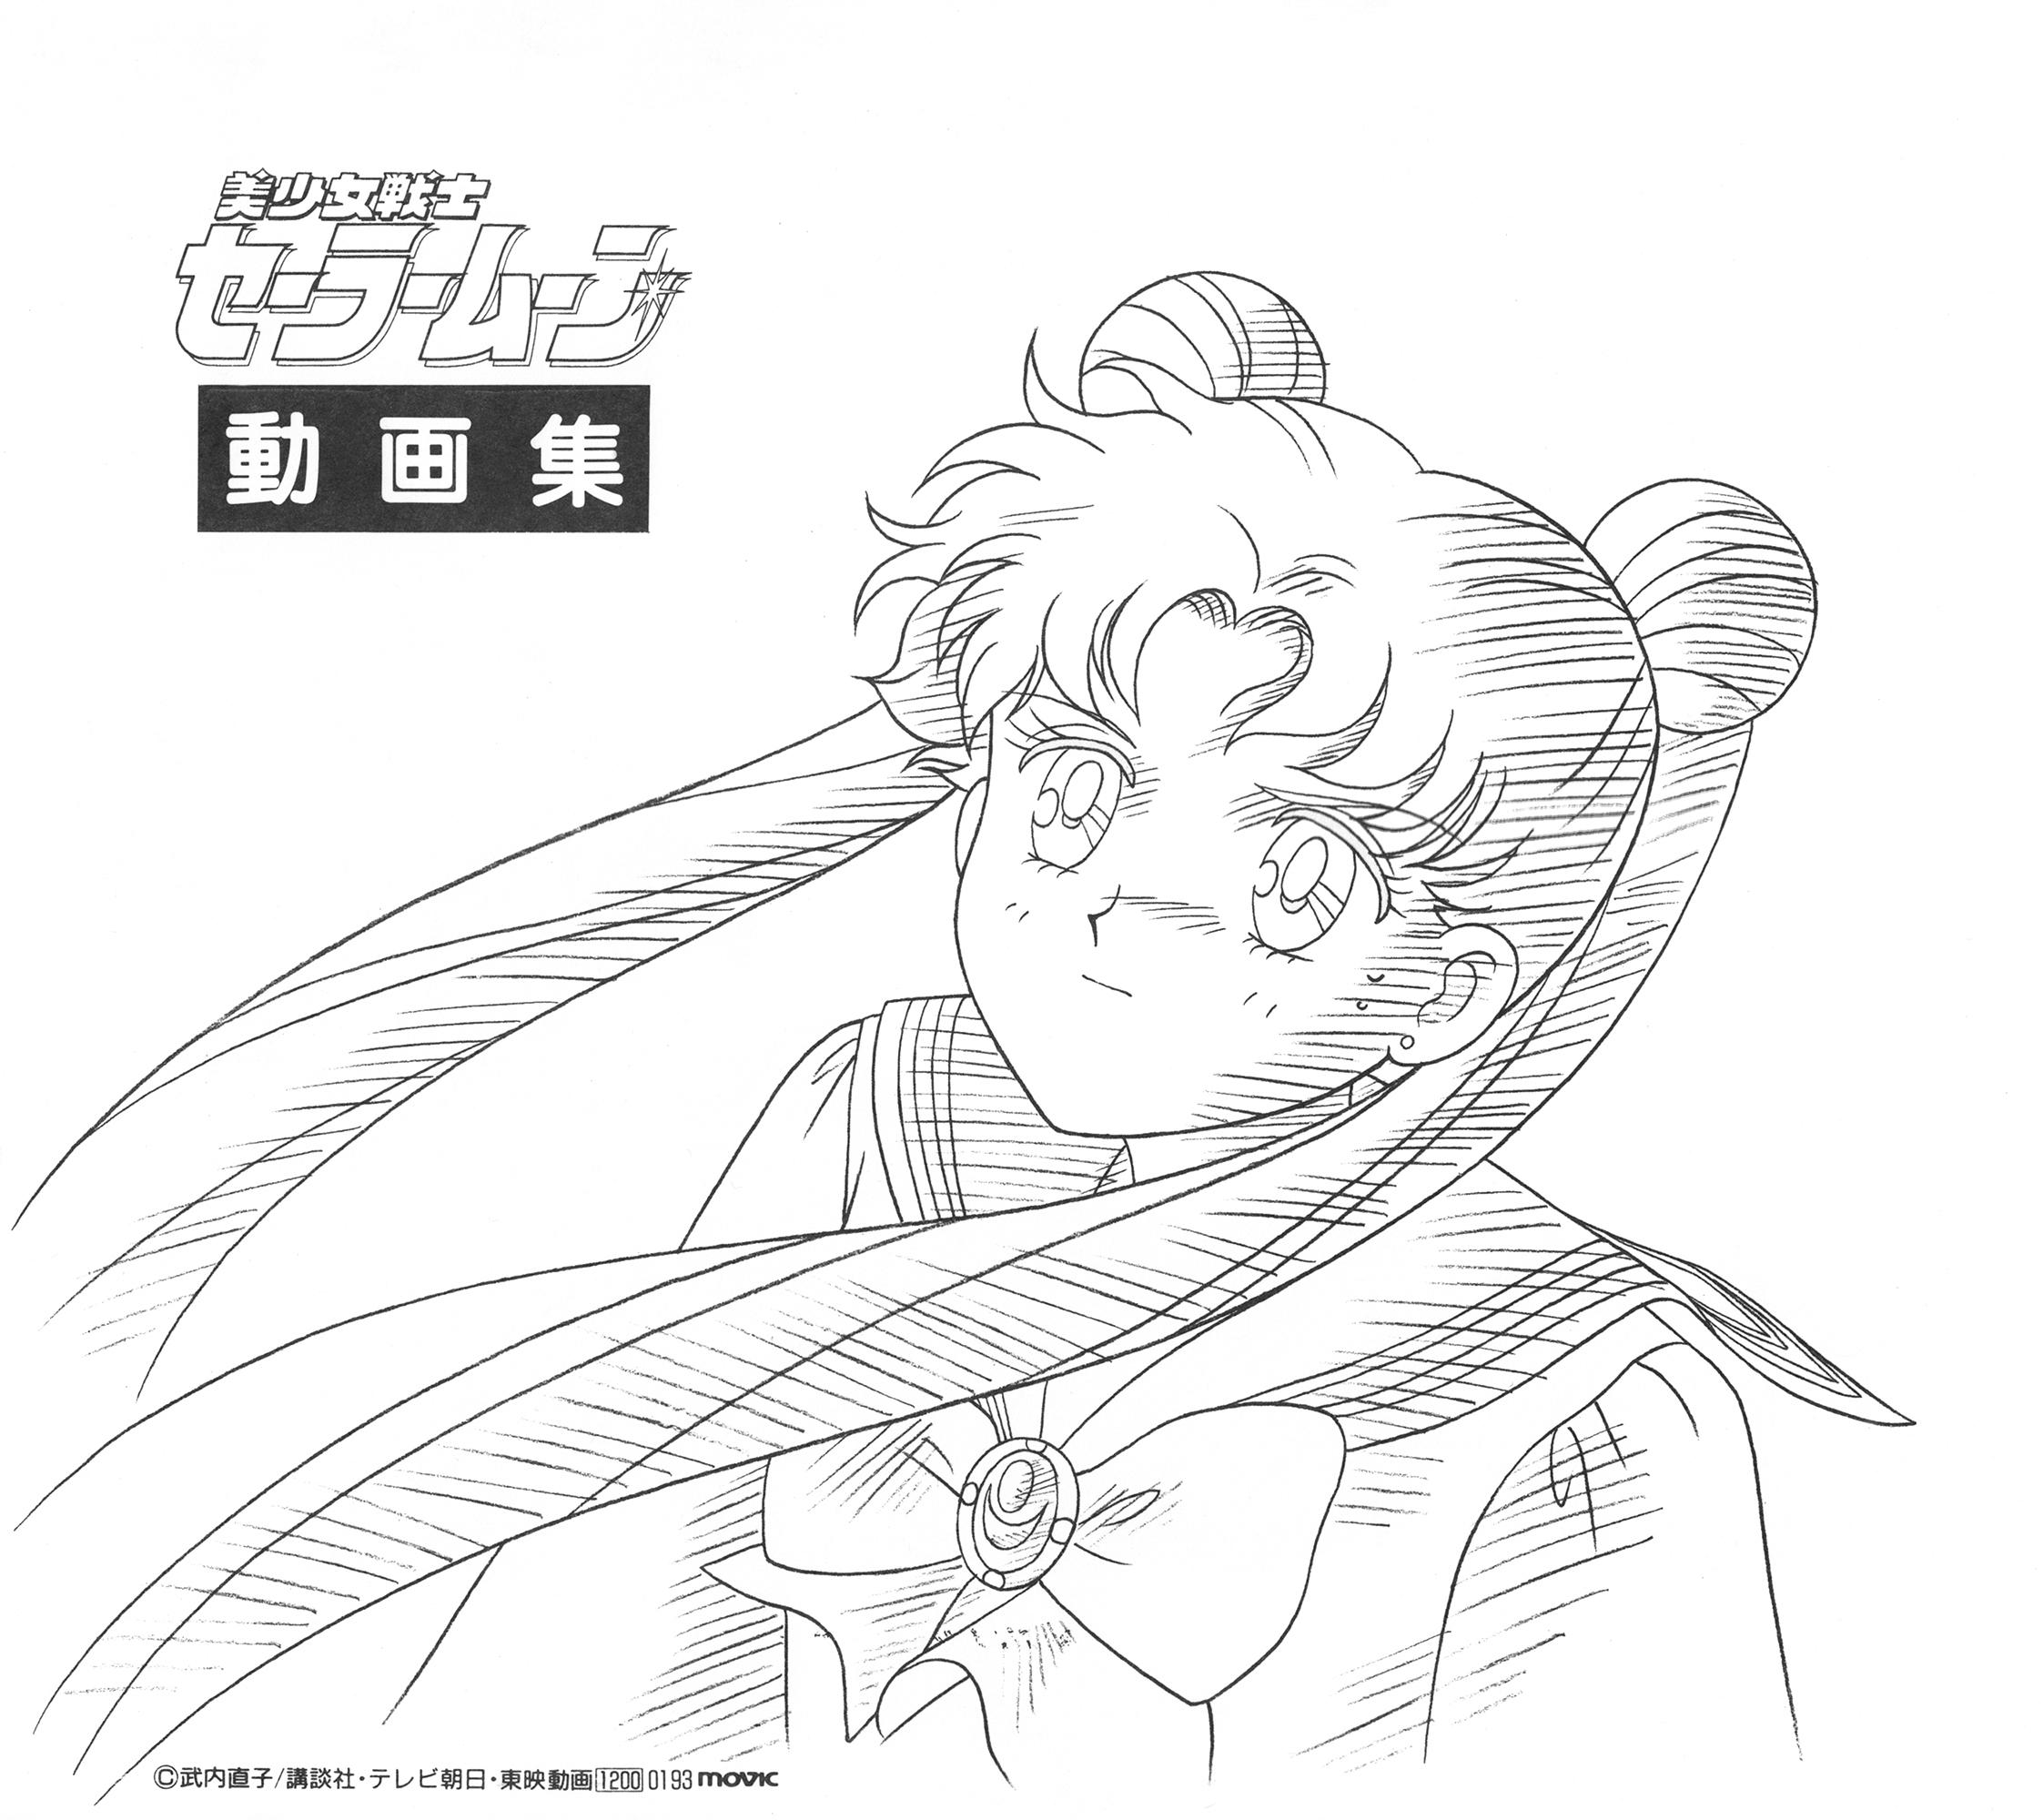 Sailor-moon-official-douga-book-01